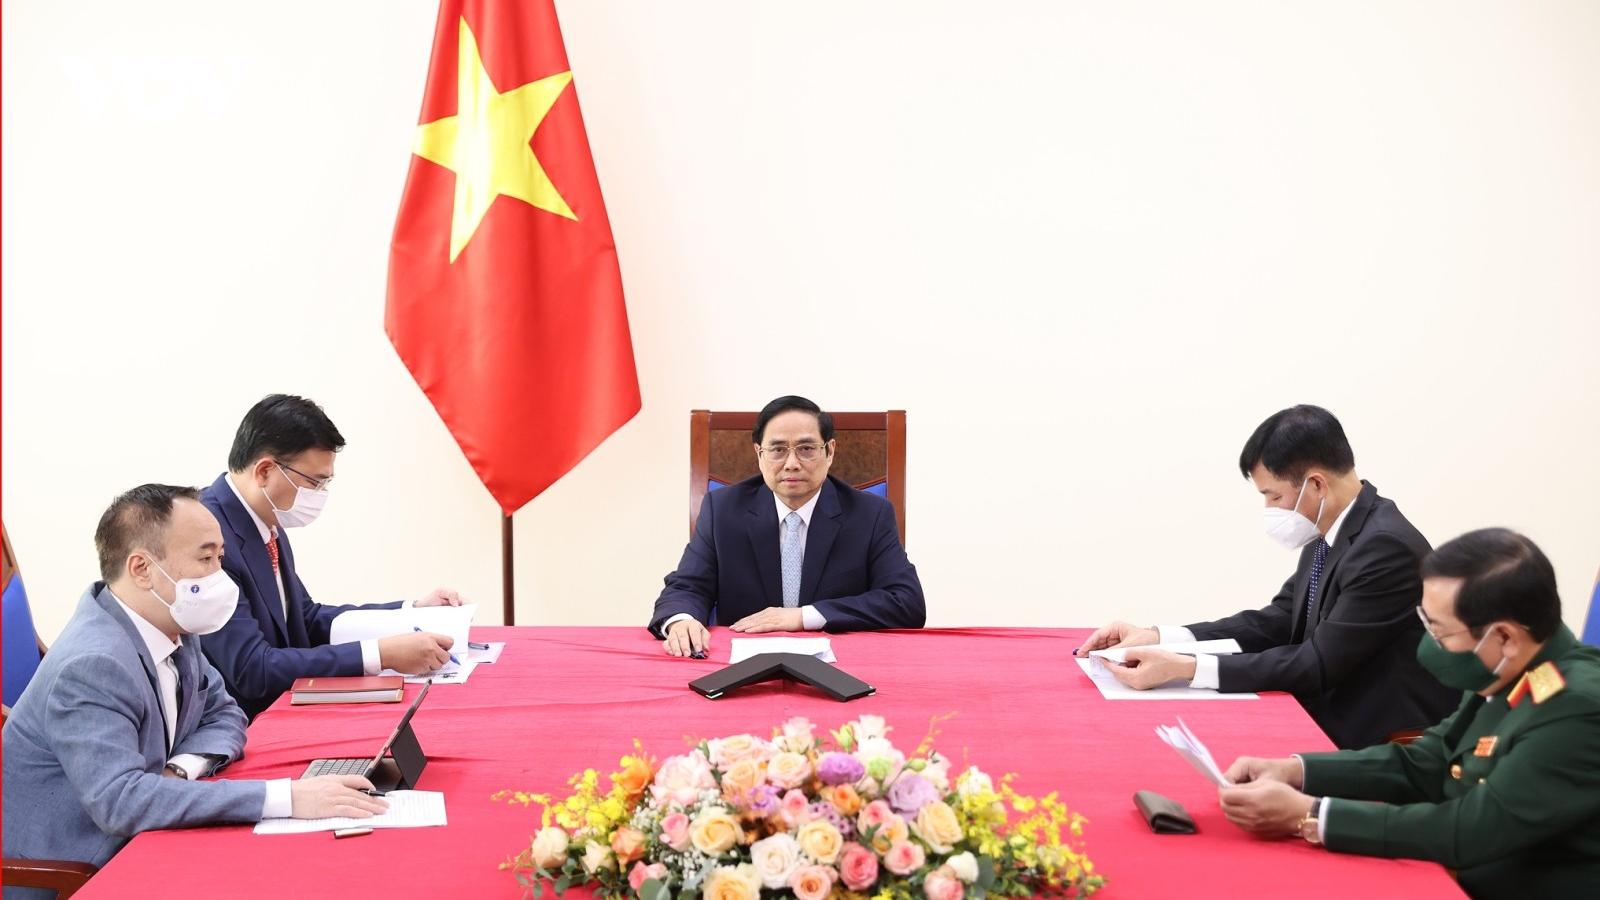 Thủ tướngPhạm Minh Chính điện đàm với Phó Tổng thống Thổ Nhĩ Kỳ Fuat Oktay